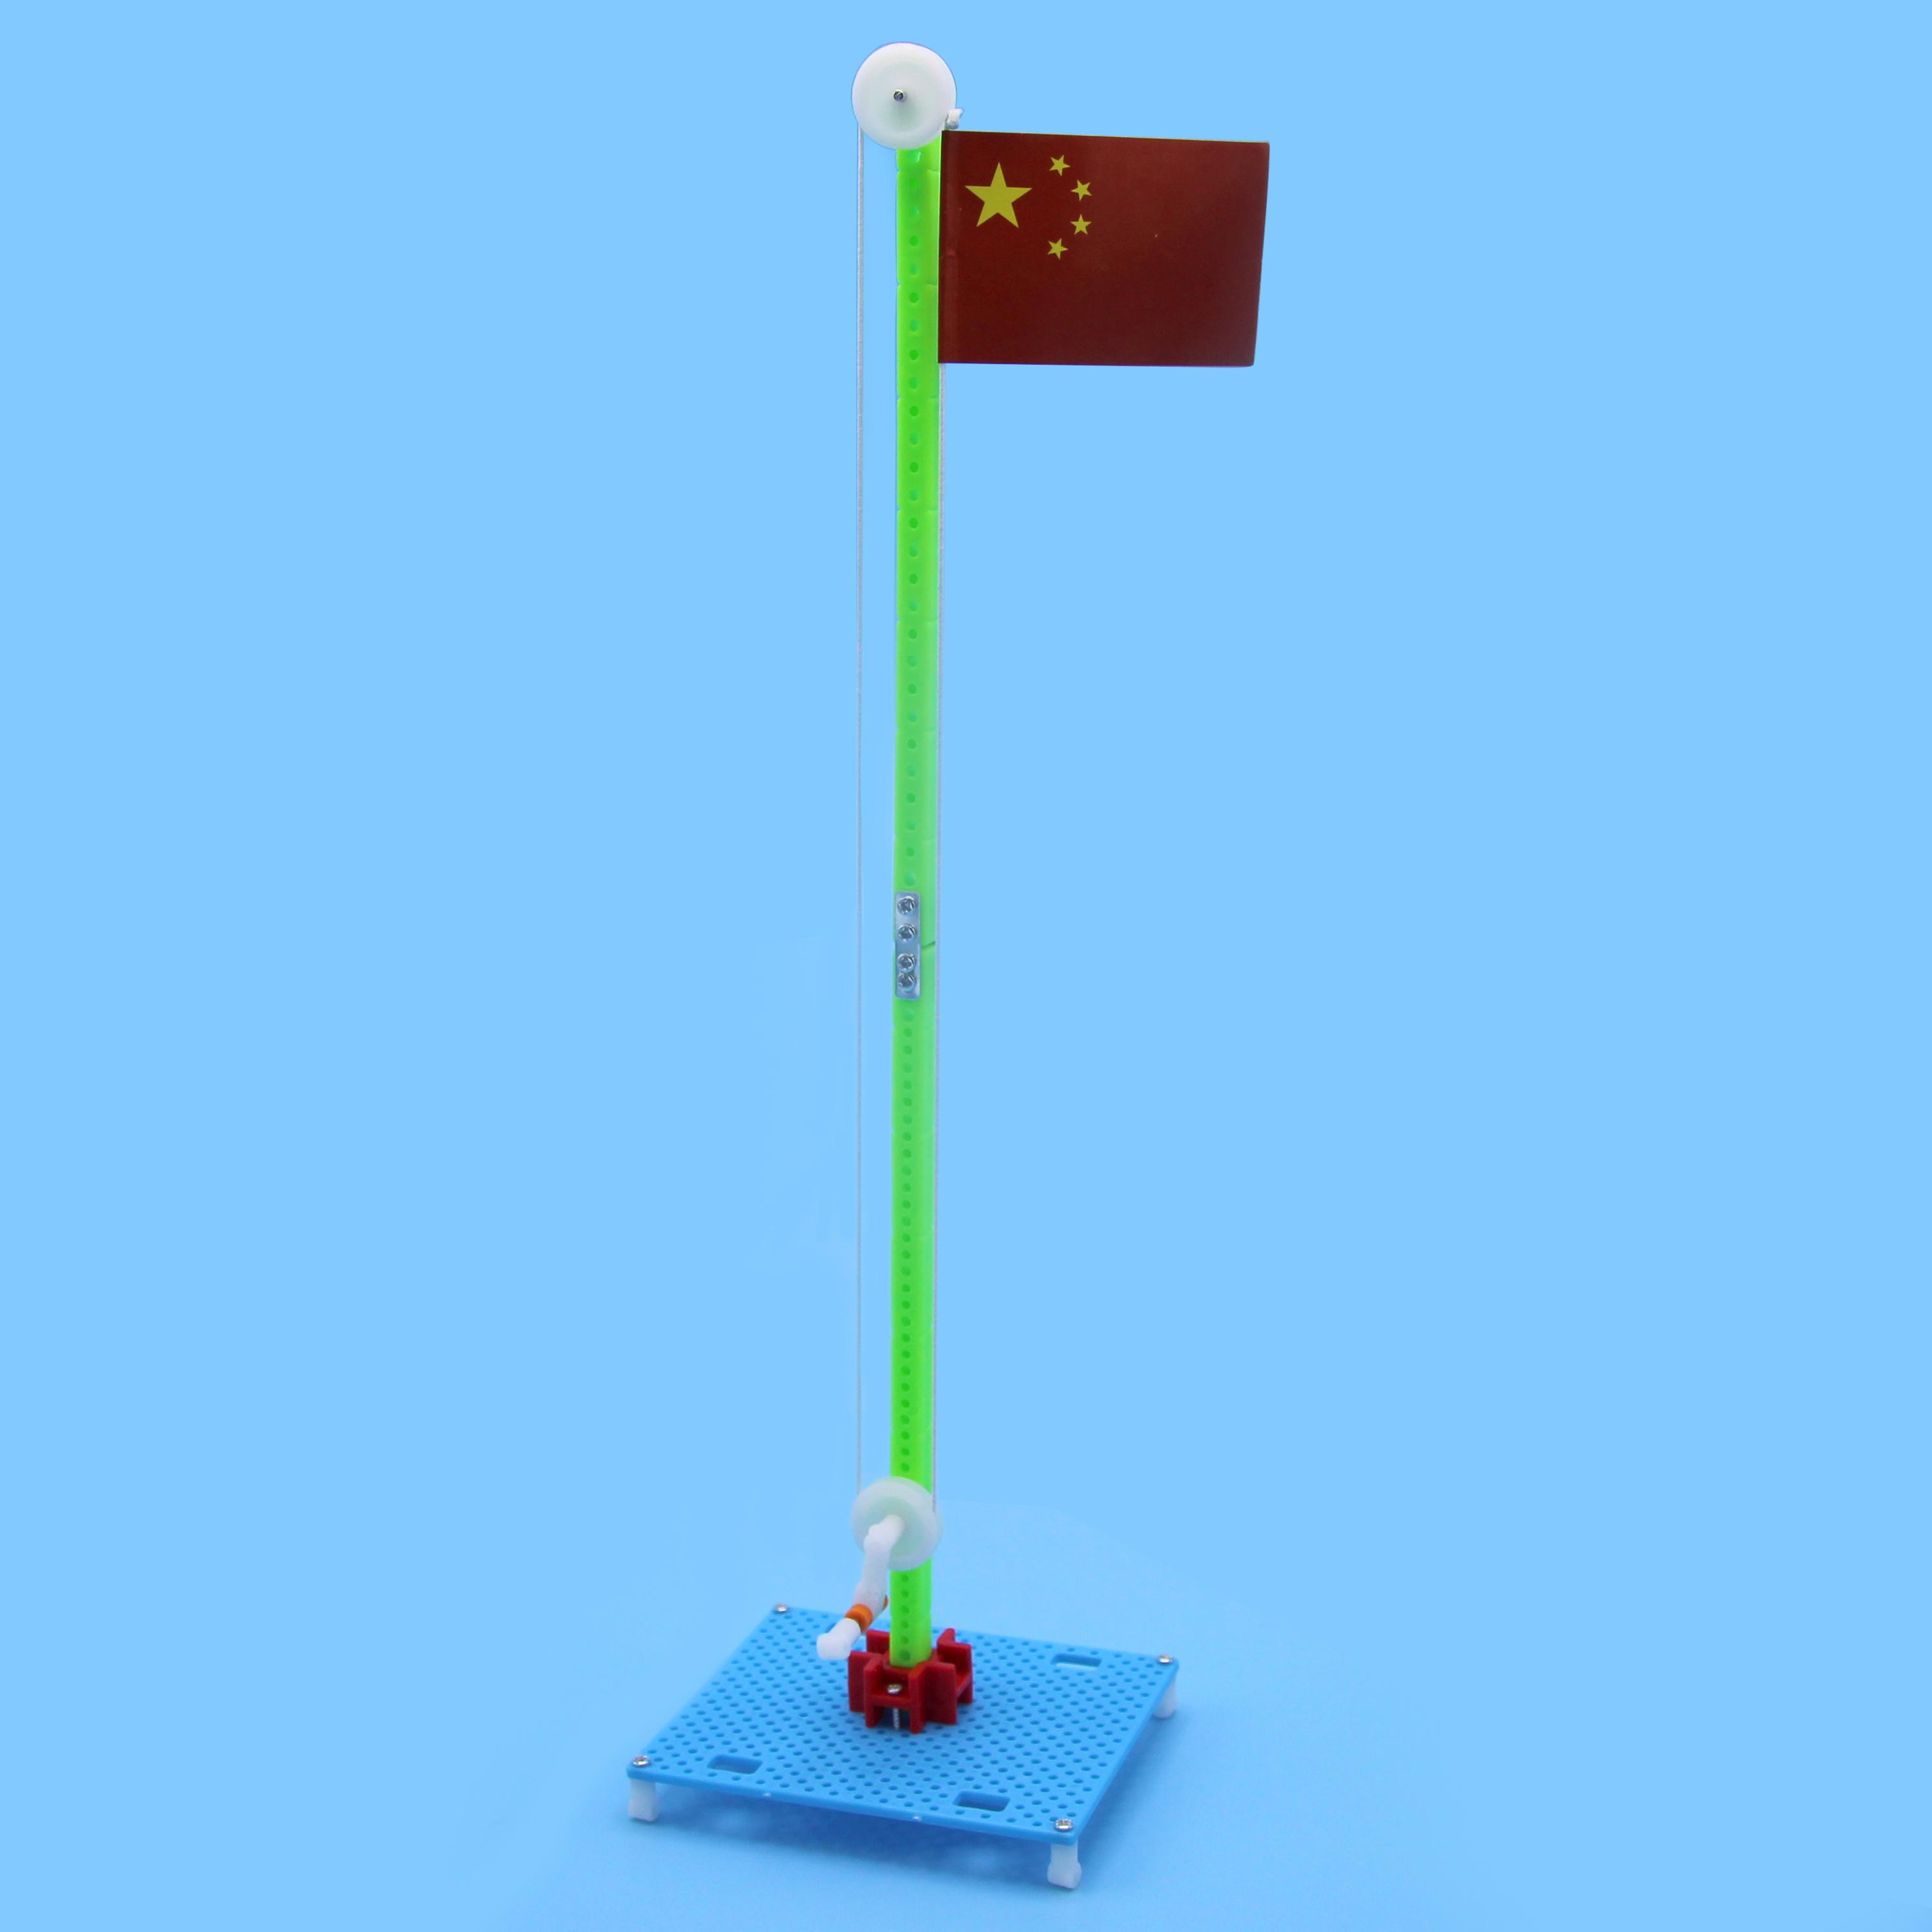 科技小制作小发明材料包科学实验玩具学生 diy 国旗升降台学生手工